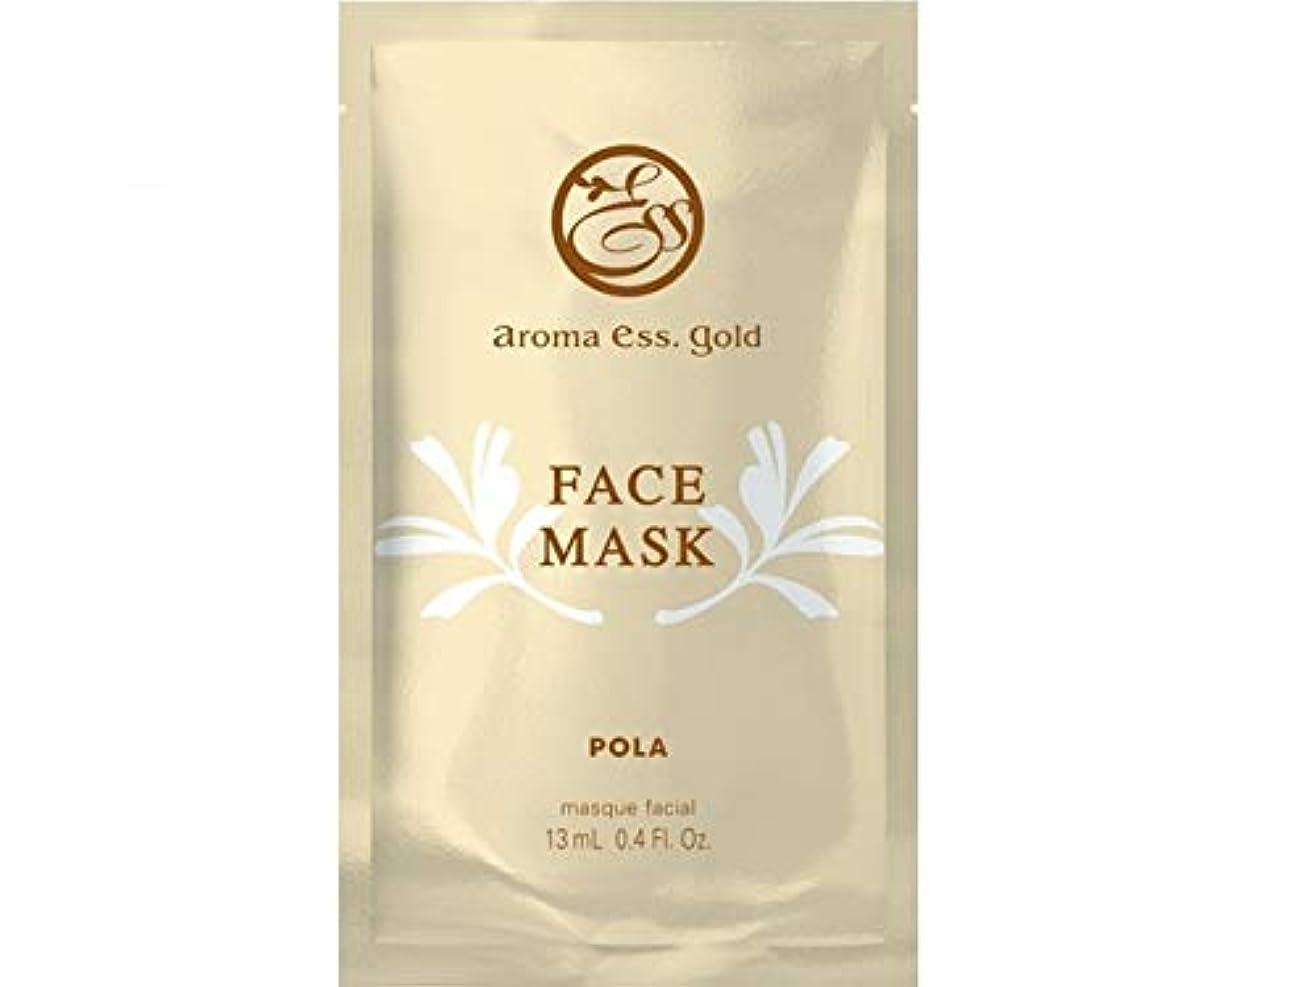 センブランスペスト海上POLA ポーラ aromaessegold アロマエッセゴールド フェイスマスク face mask 30枚セット 追跡可能メール便